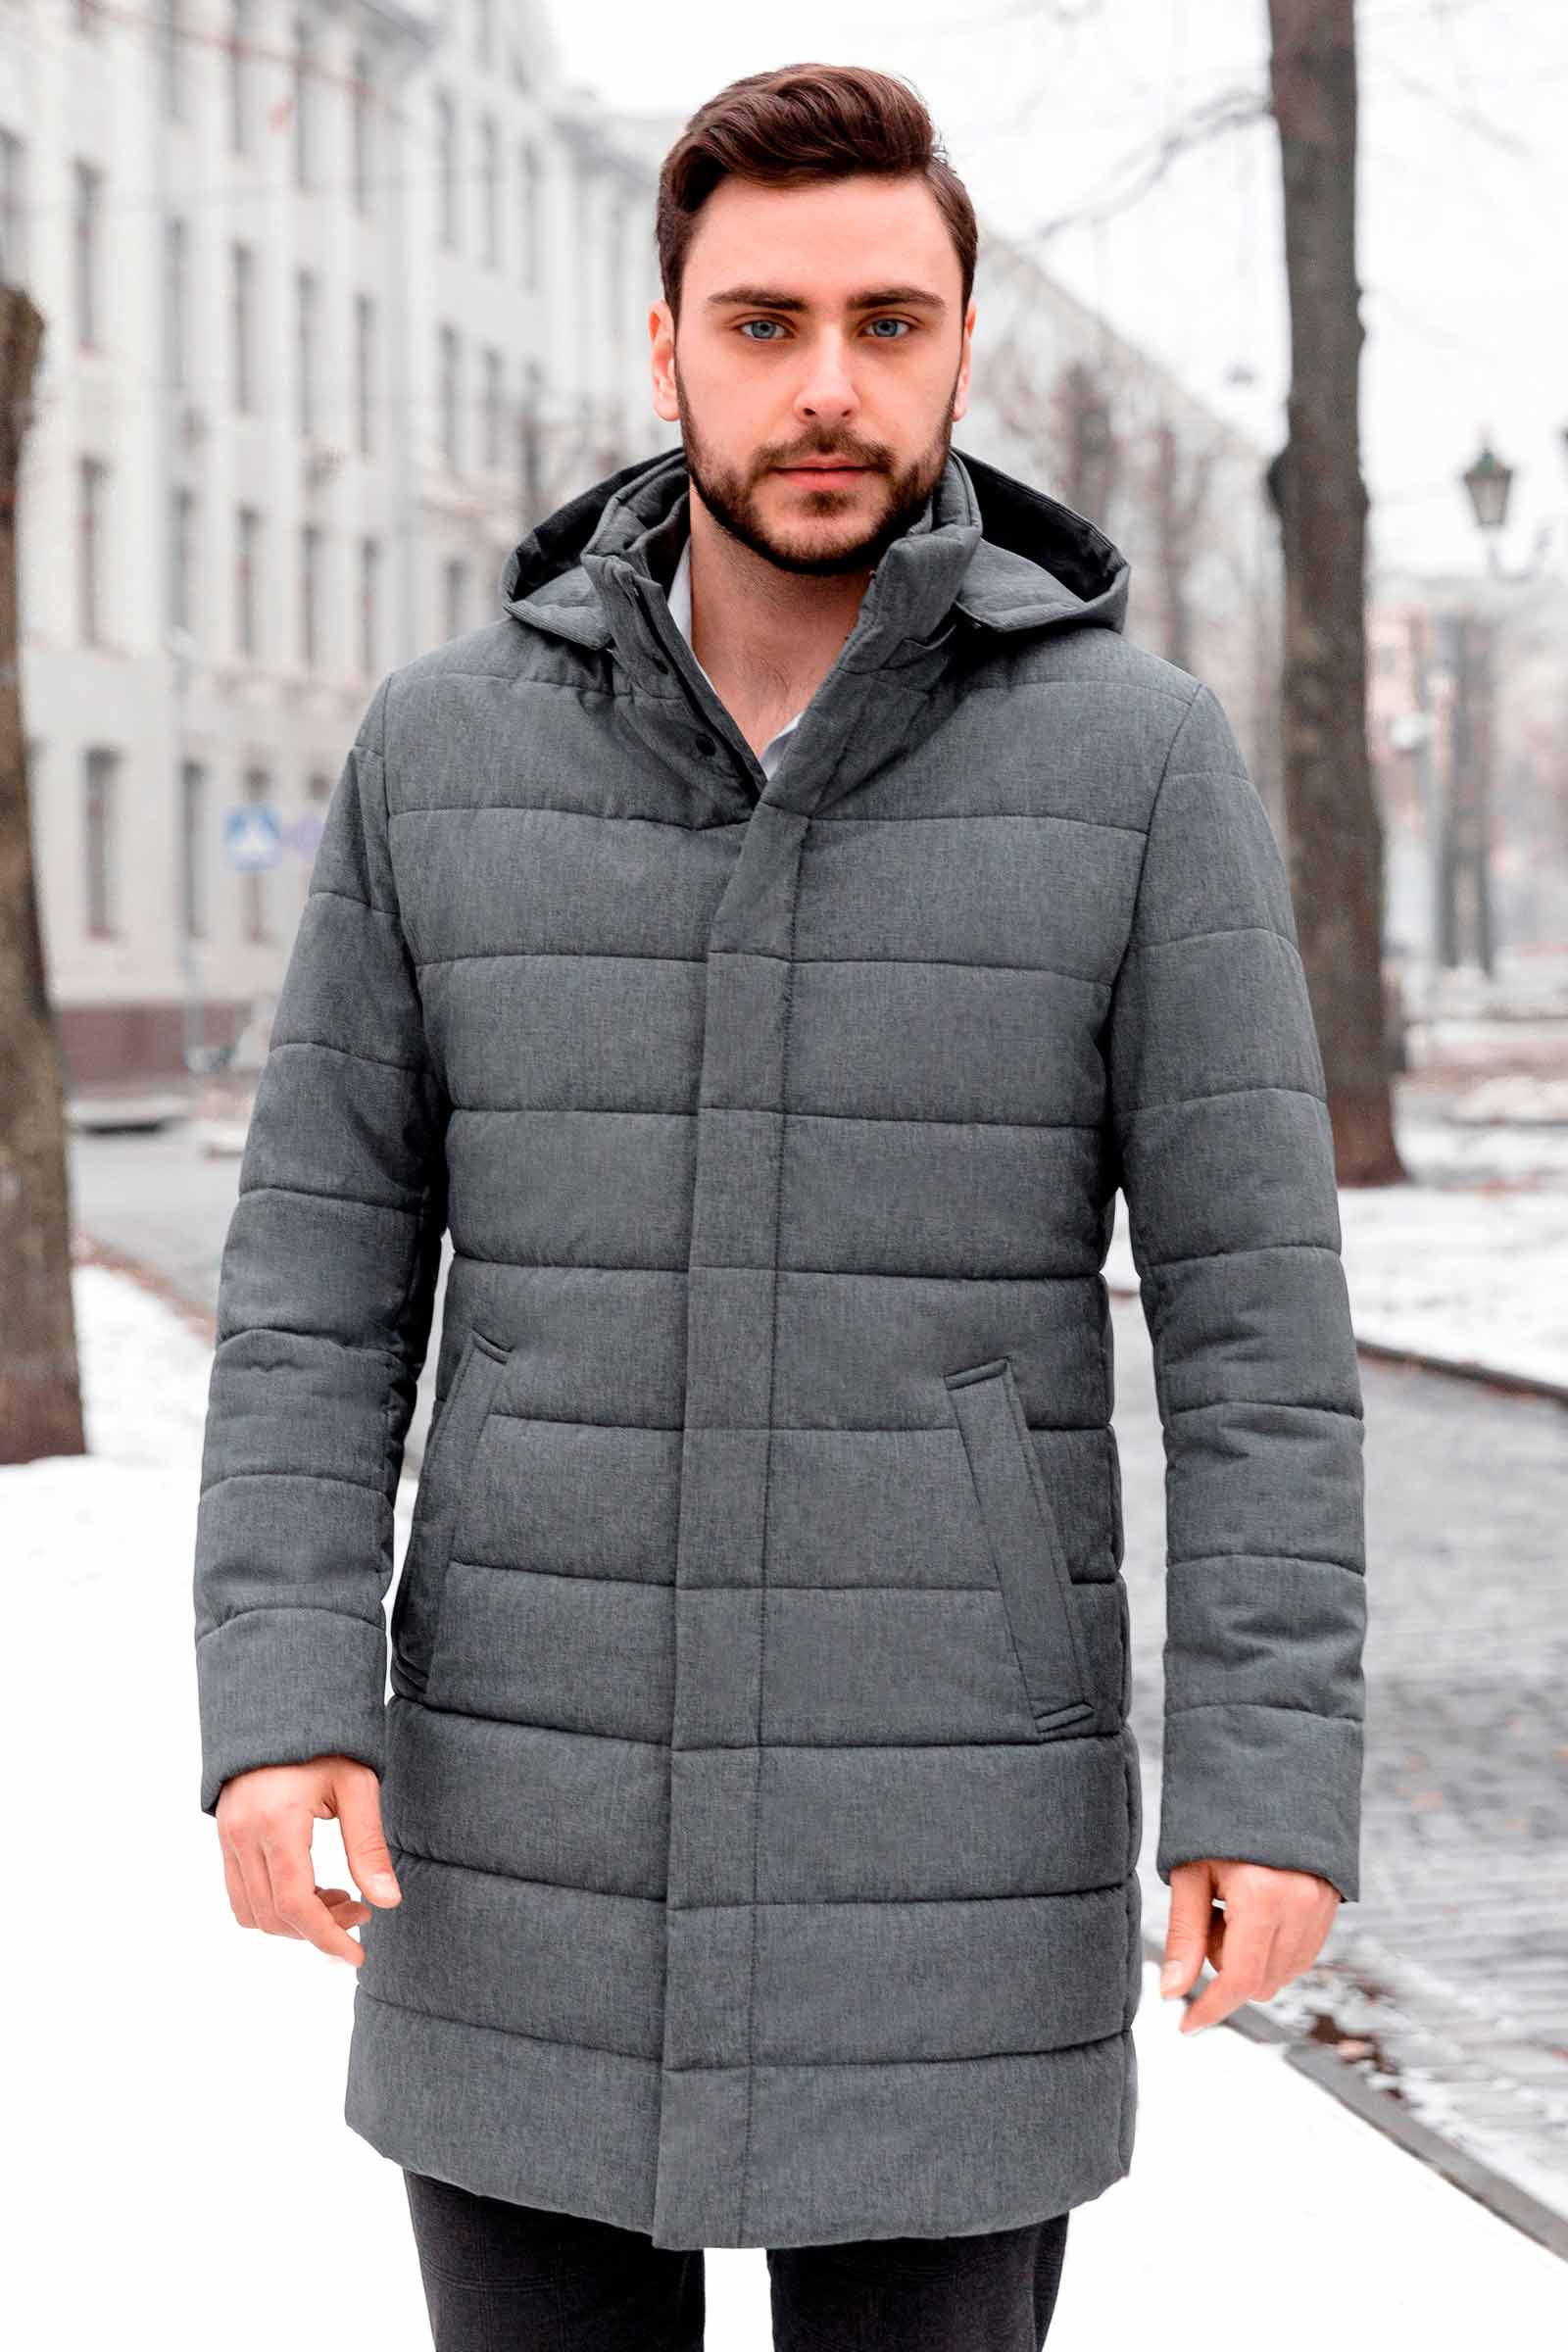 Где Купить Мужскую Куртку в Одессе - фото